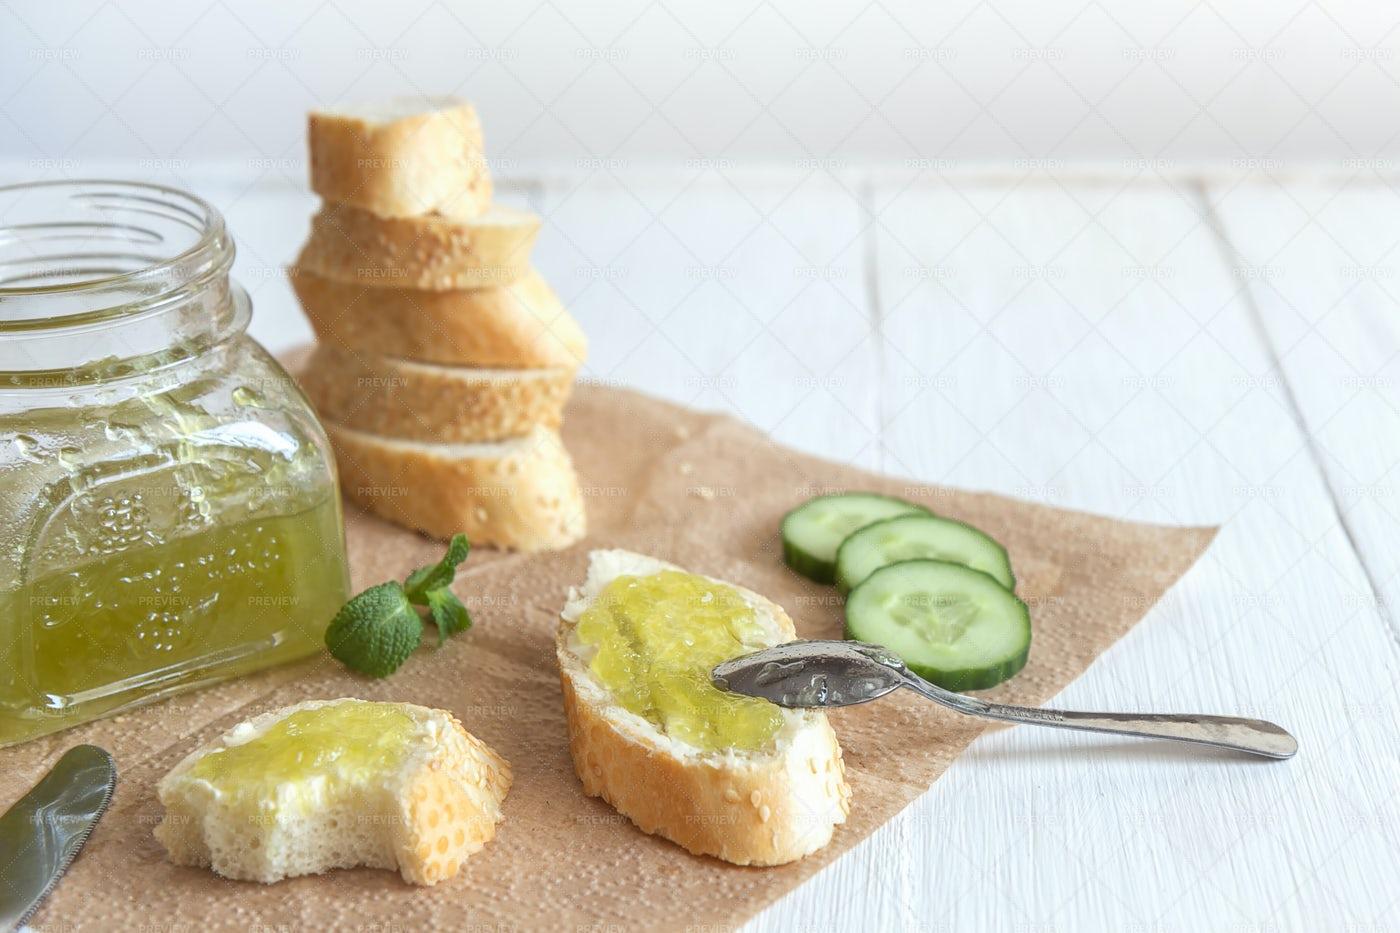 Cucumber Jam And Baguette: Stock Photos